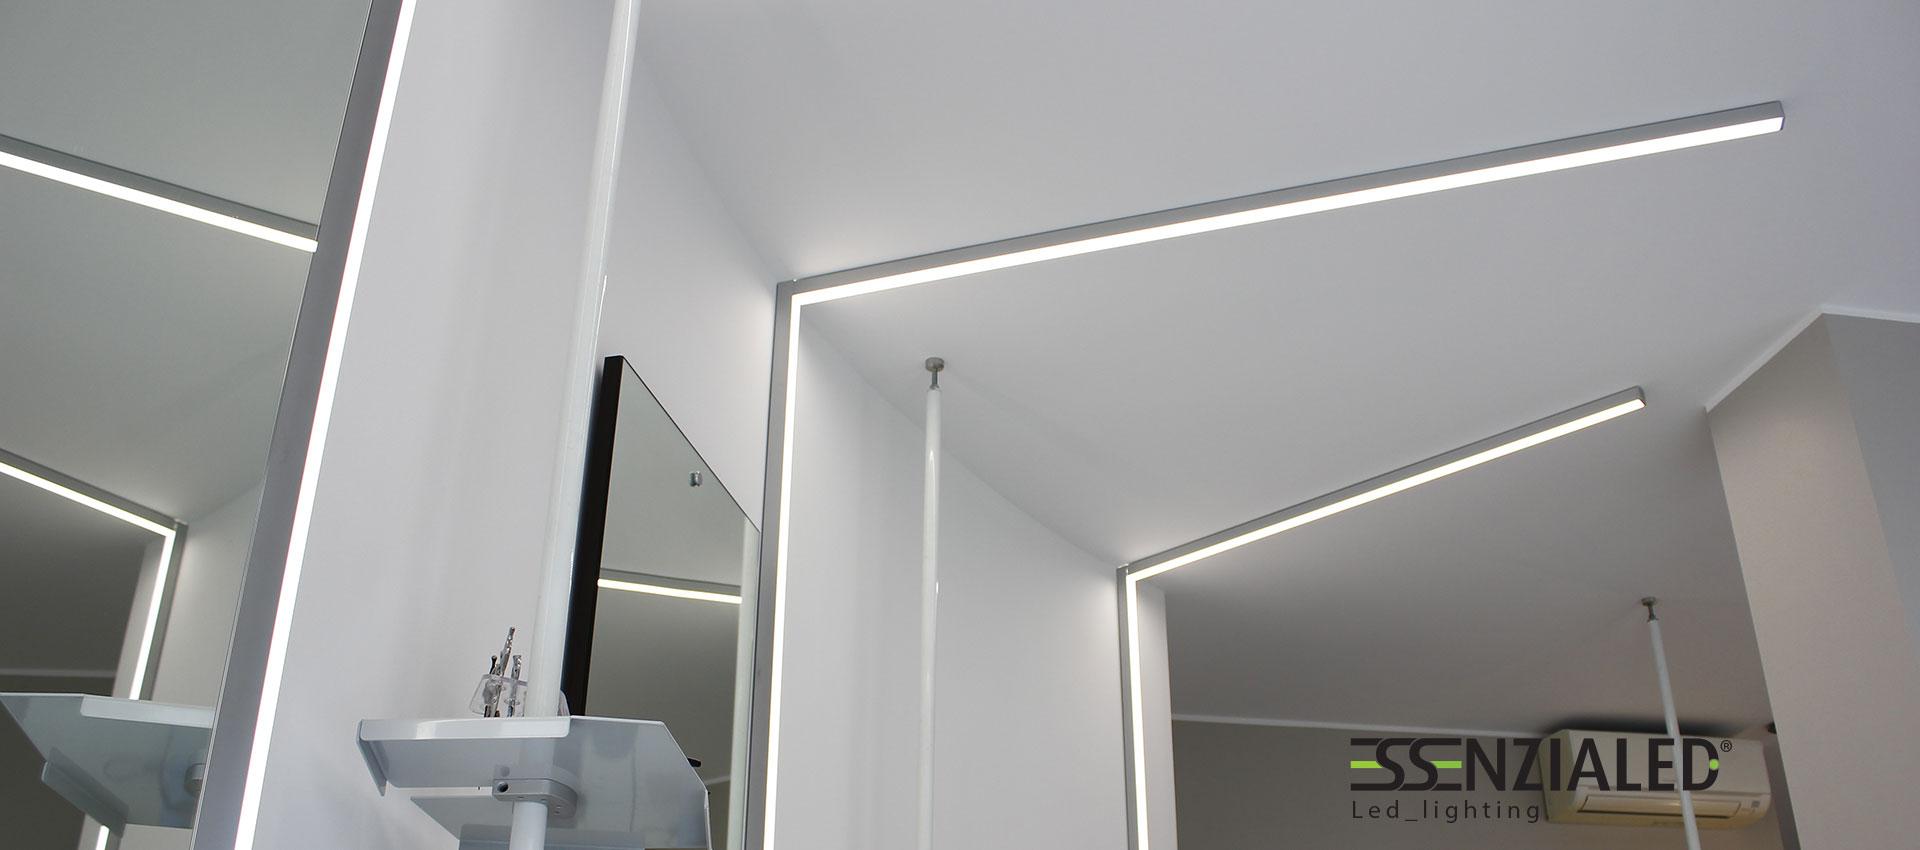 Sistemi Di Illuminazione A Led illuminazione led parrucchieriessenzialed – illuminazione a led